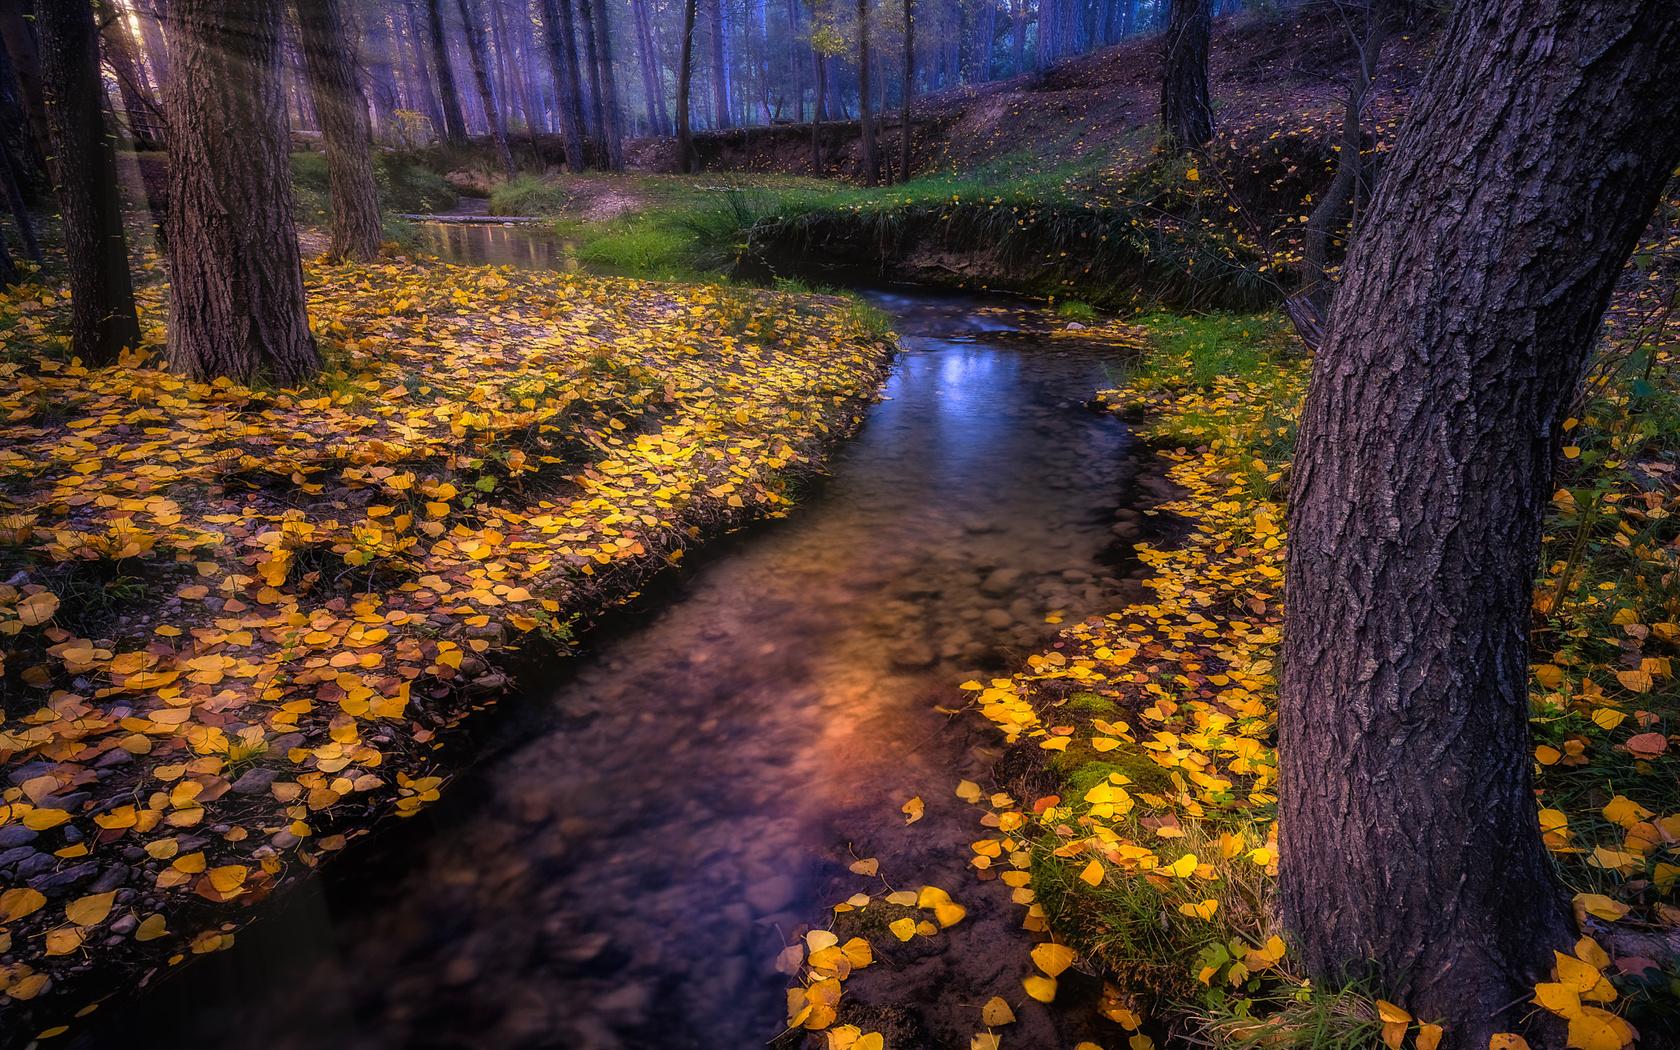 осень, лес, природа, ручей